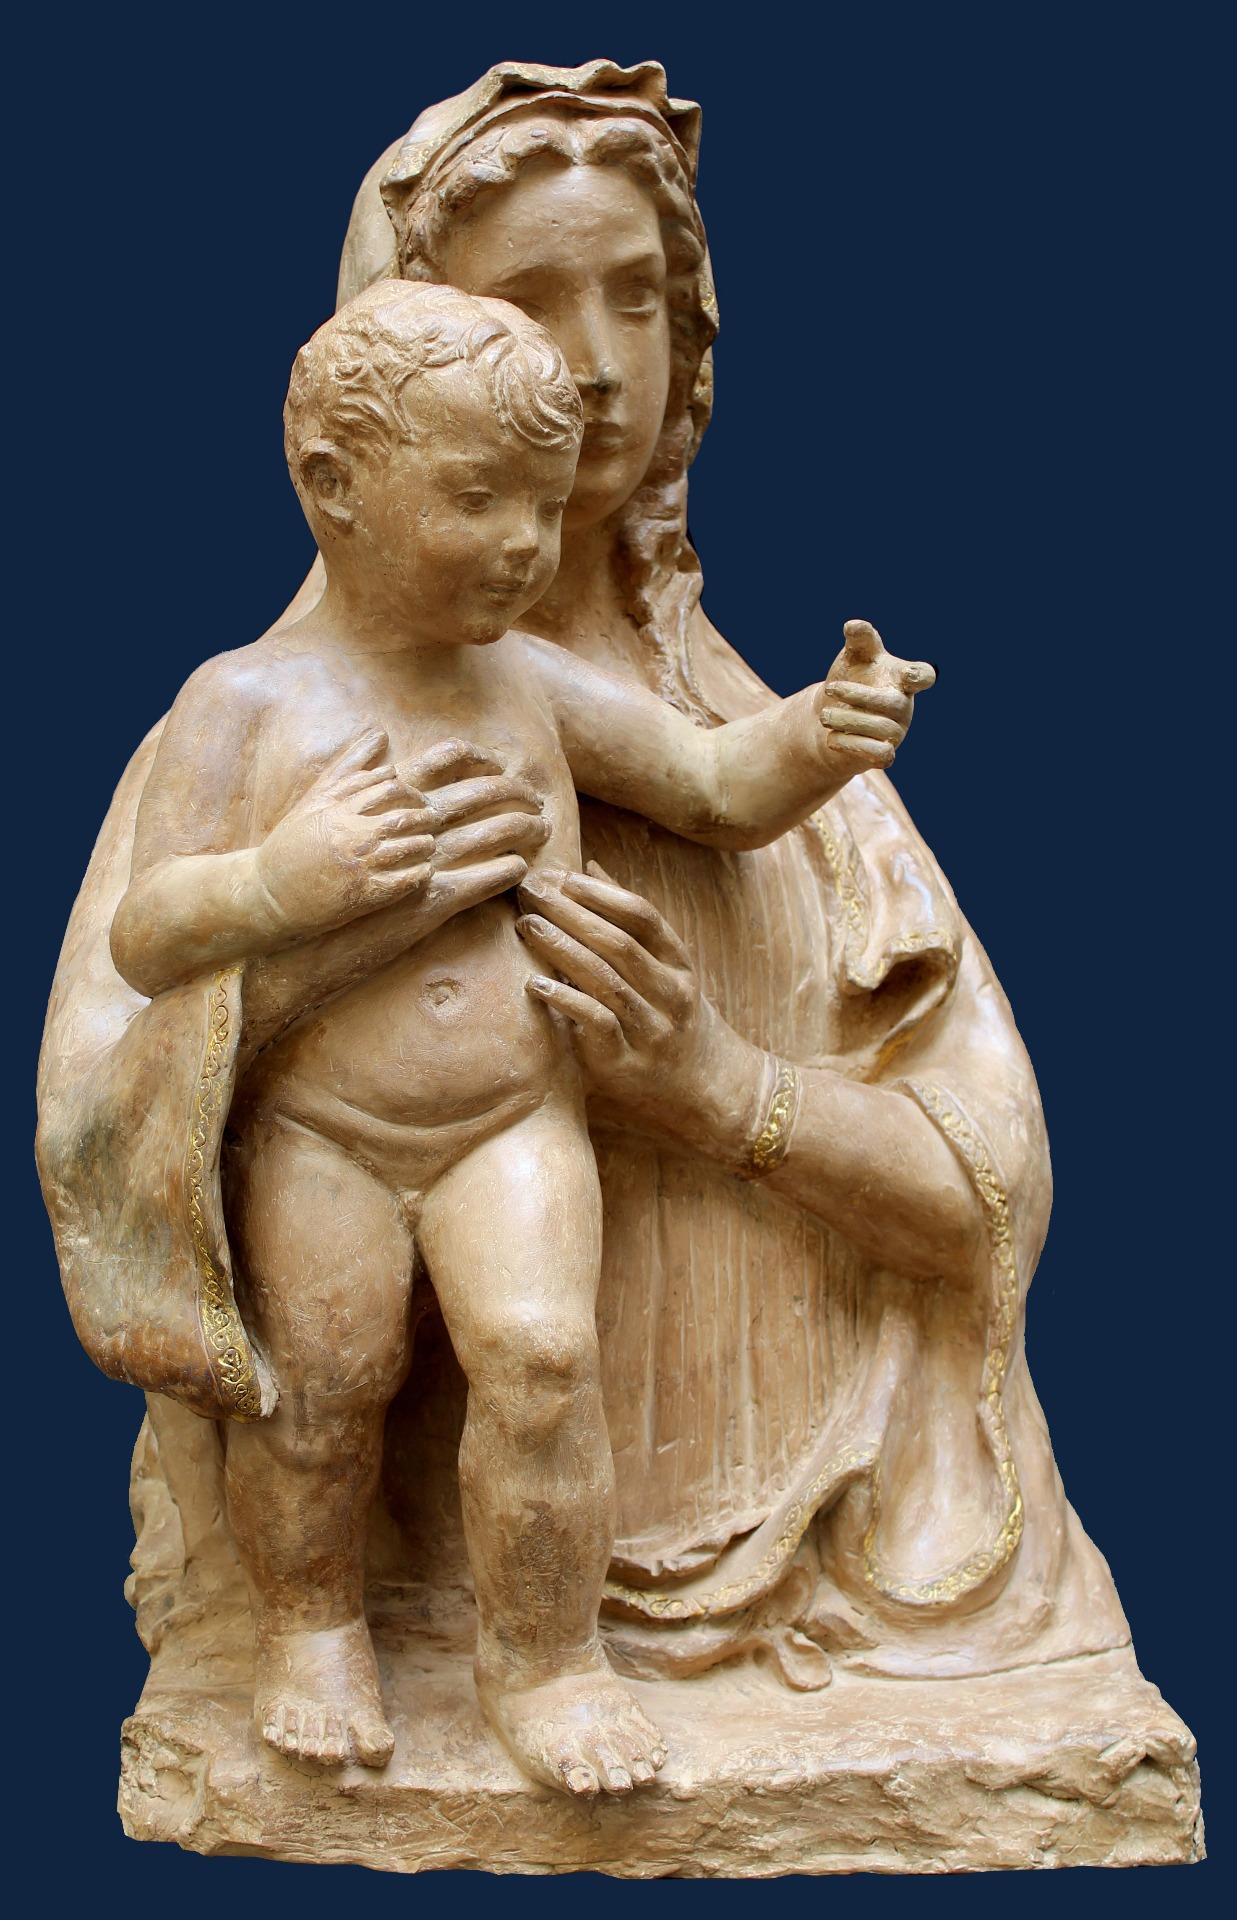 Assisi Antiquariato - Scultura scuola fiorentina XV sec. in terracotta e foglia oro (Ars Antiqua Milano)